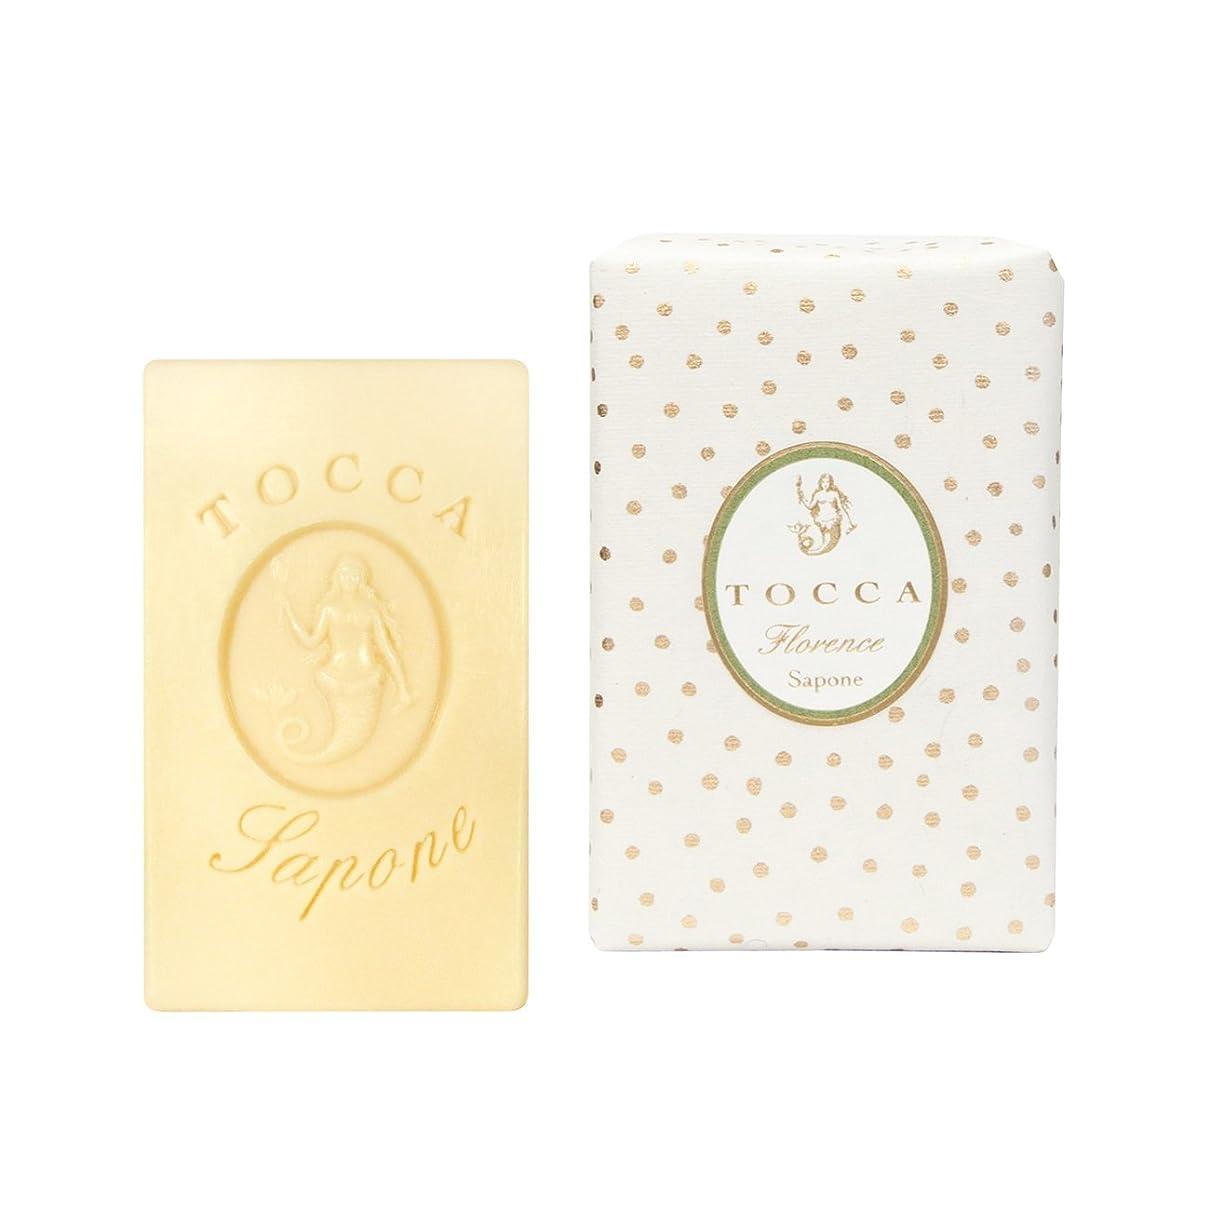 帝国画像砦トッカ(TOCCA) ソープバーフローレンスの香り 113g(石けん 化粧石けん ガーデニアとベルガモットが誘うように溶け合うどこまでも上品なフローラルの香り)